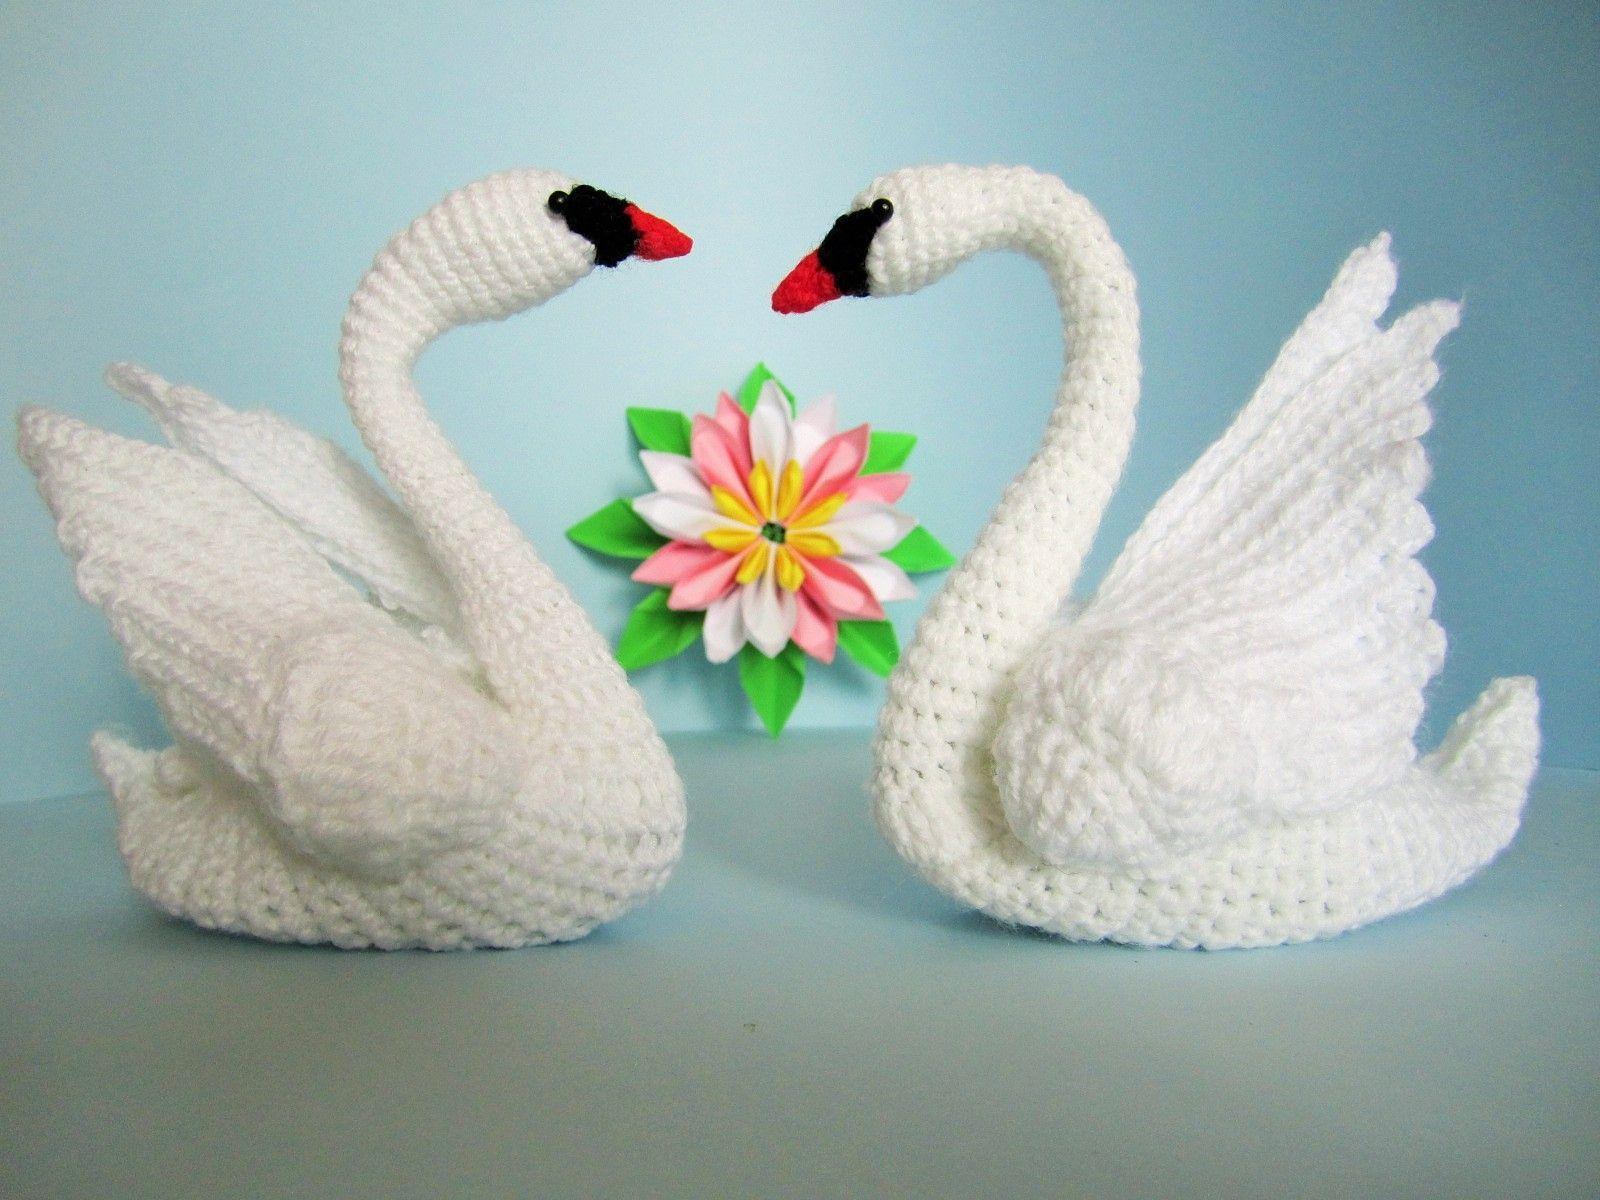 Wunderschöne Vögel, die sich für das ganze Leben binden ...